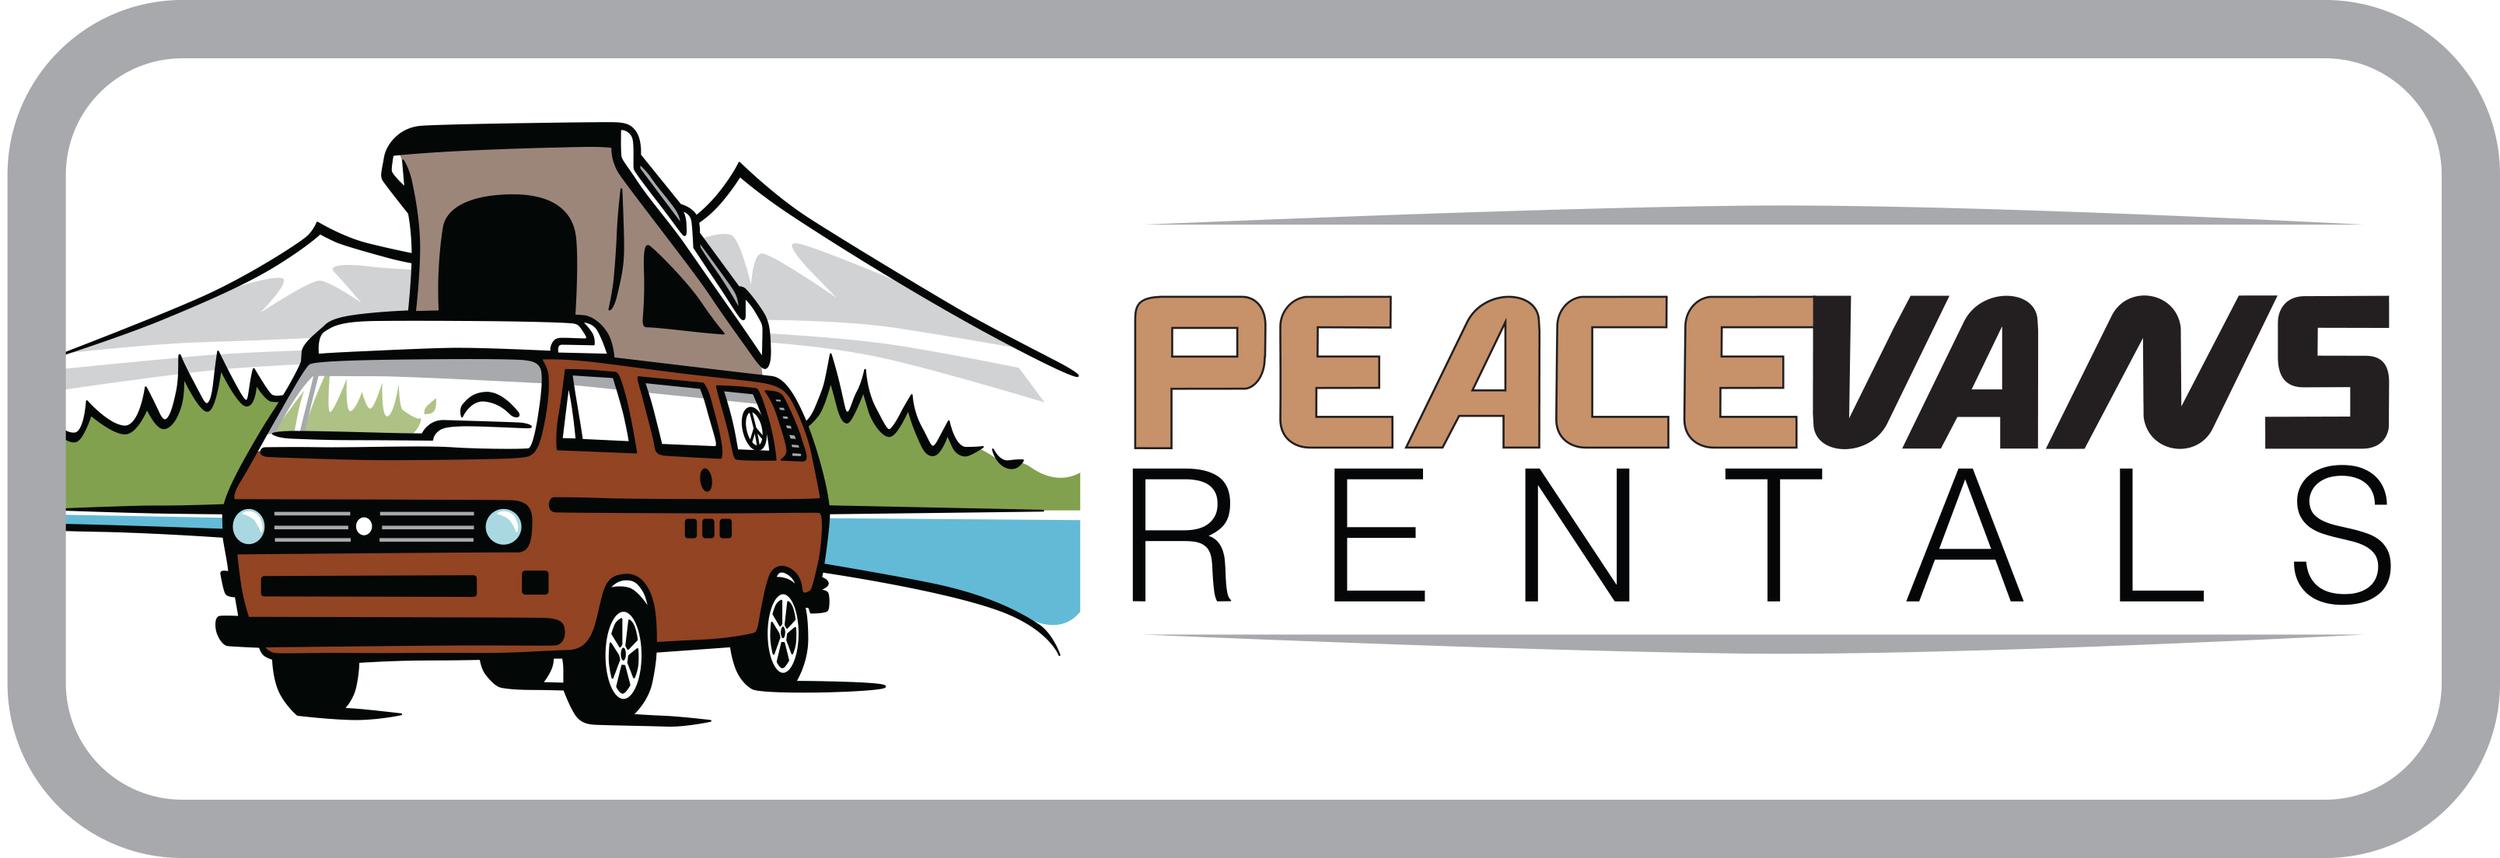 peace-vans-rentals-rectangle.jpg